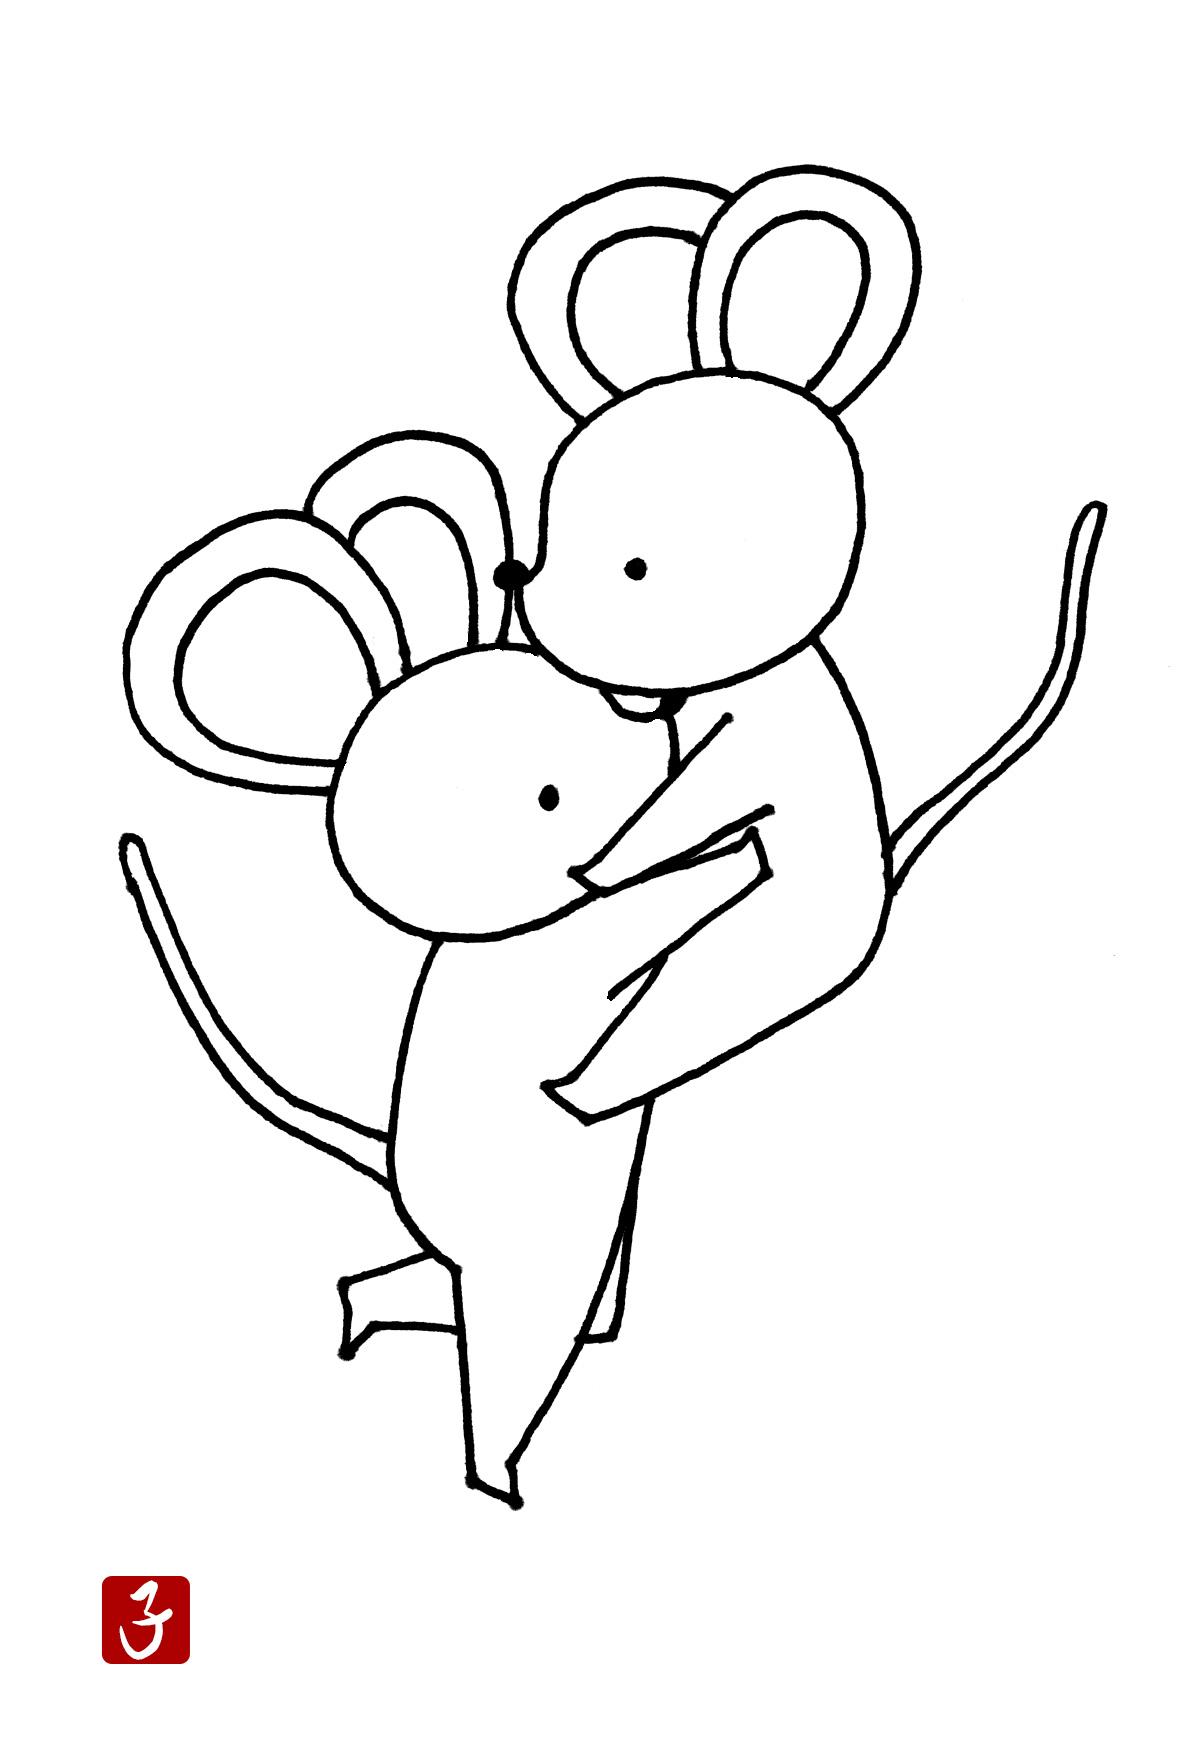 無料 手描きイラスト年賀状 モノクロかわいいネズミのハグ